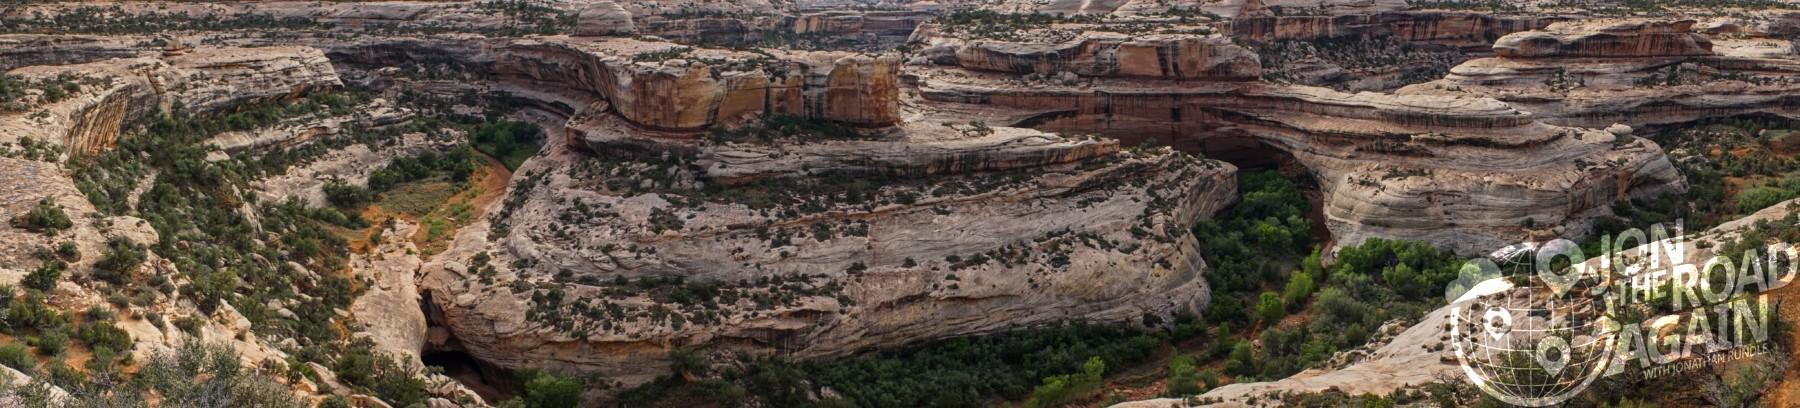 Natural Bridges National Monument Panorama